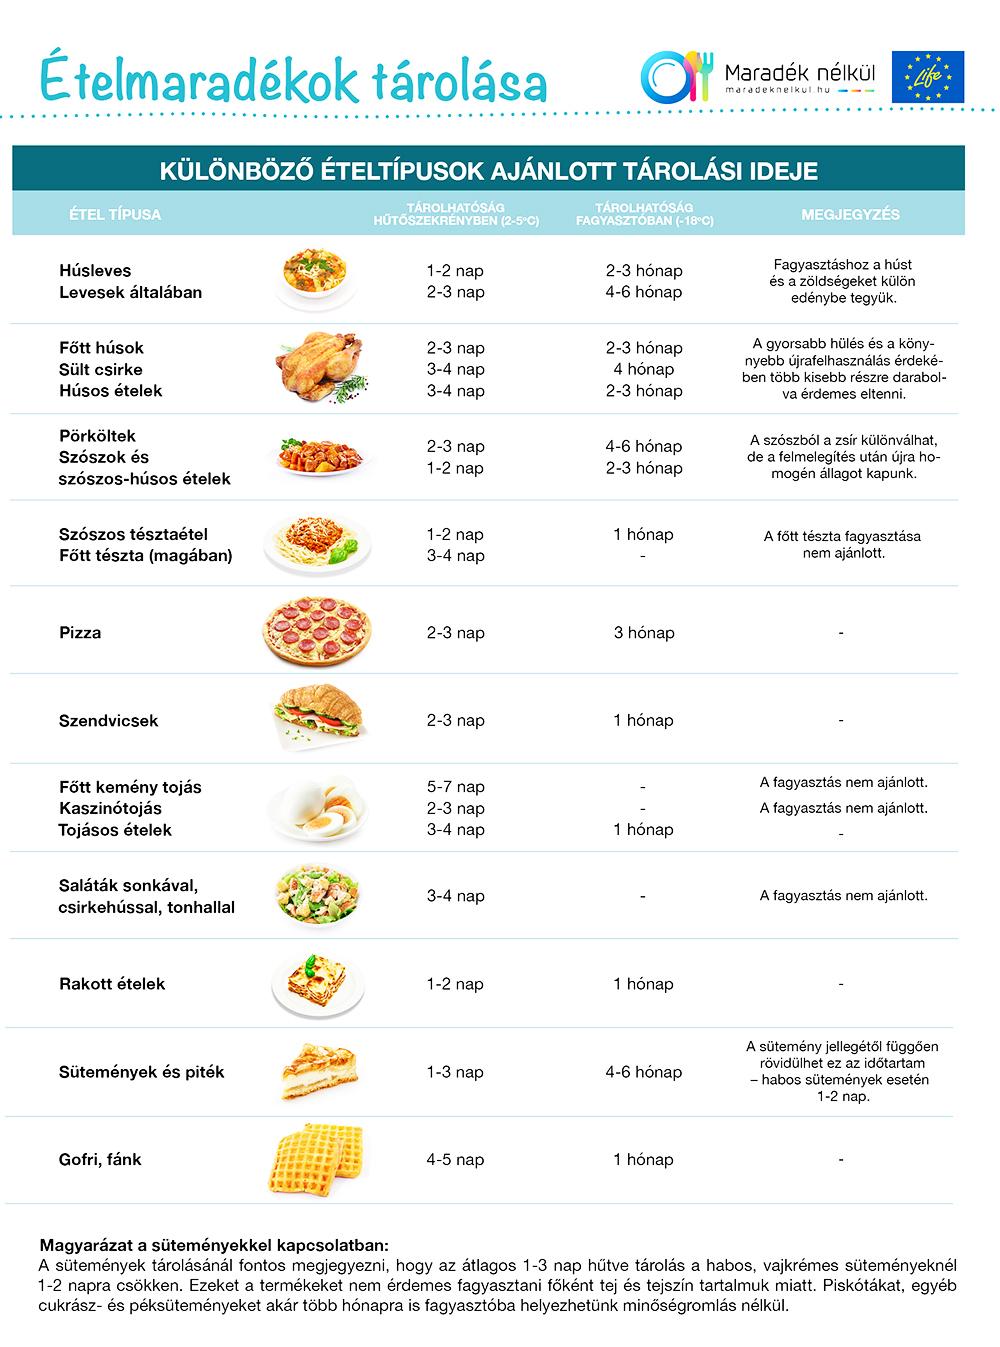 Élelmiszerek tárolása, fagyasztása: Mit kell hűtőbe tenni és mit felesleges? Mennyi ideig állnak el az egyes élelmiszerek?